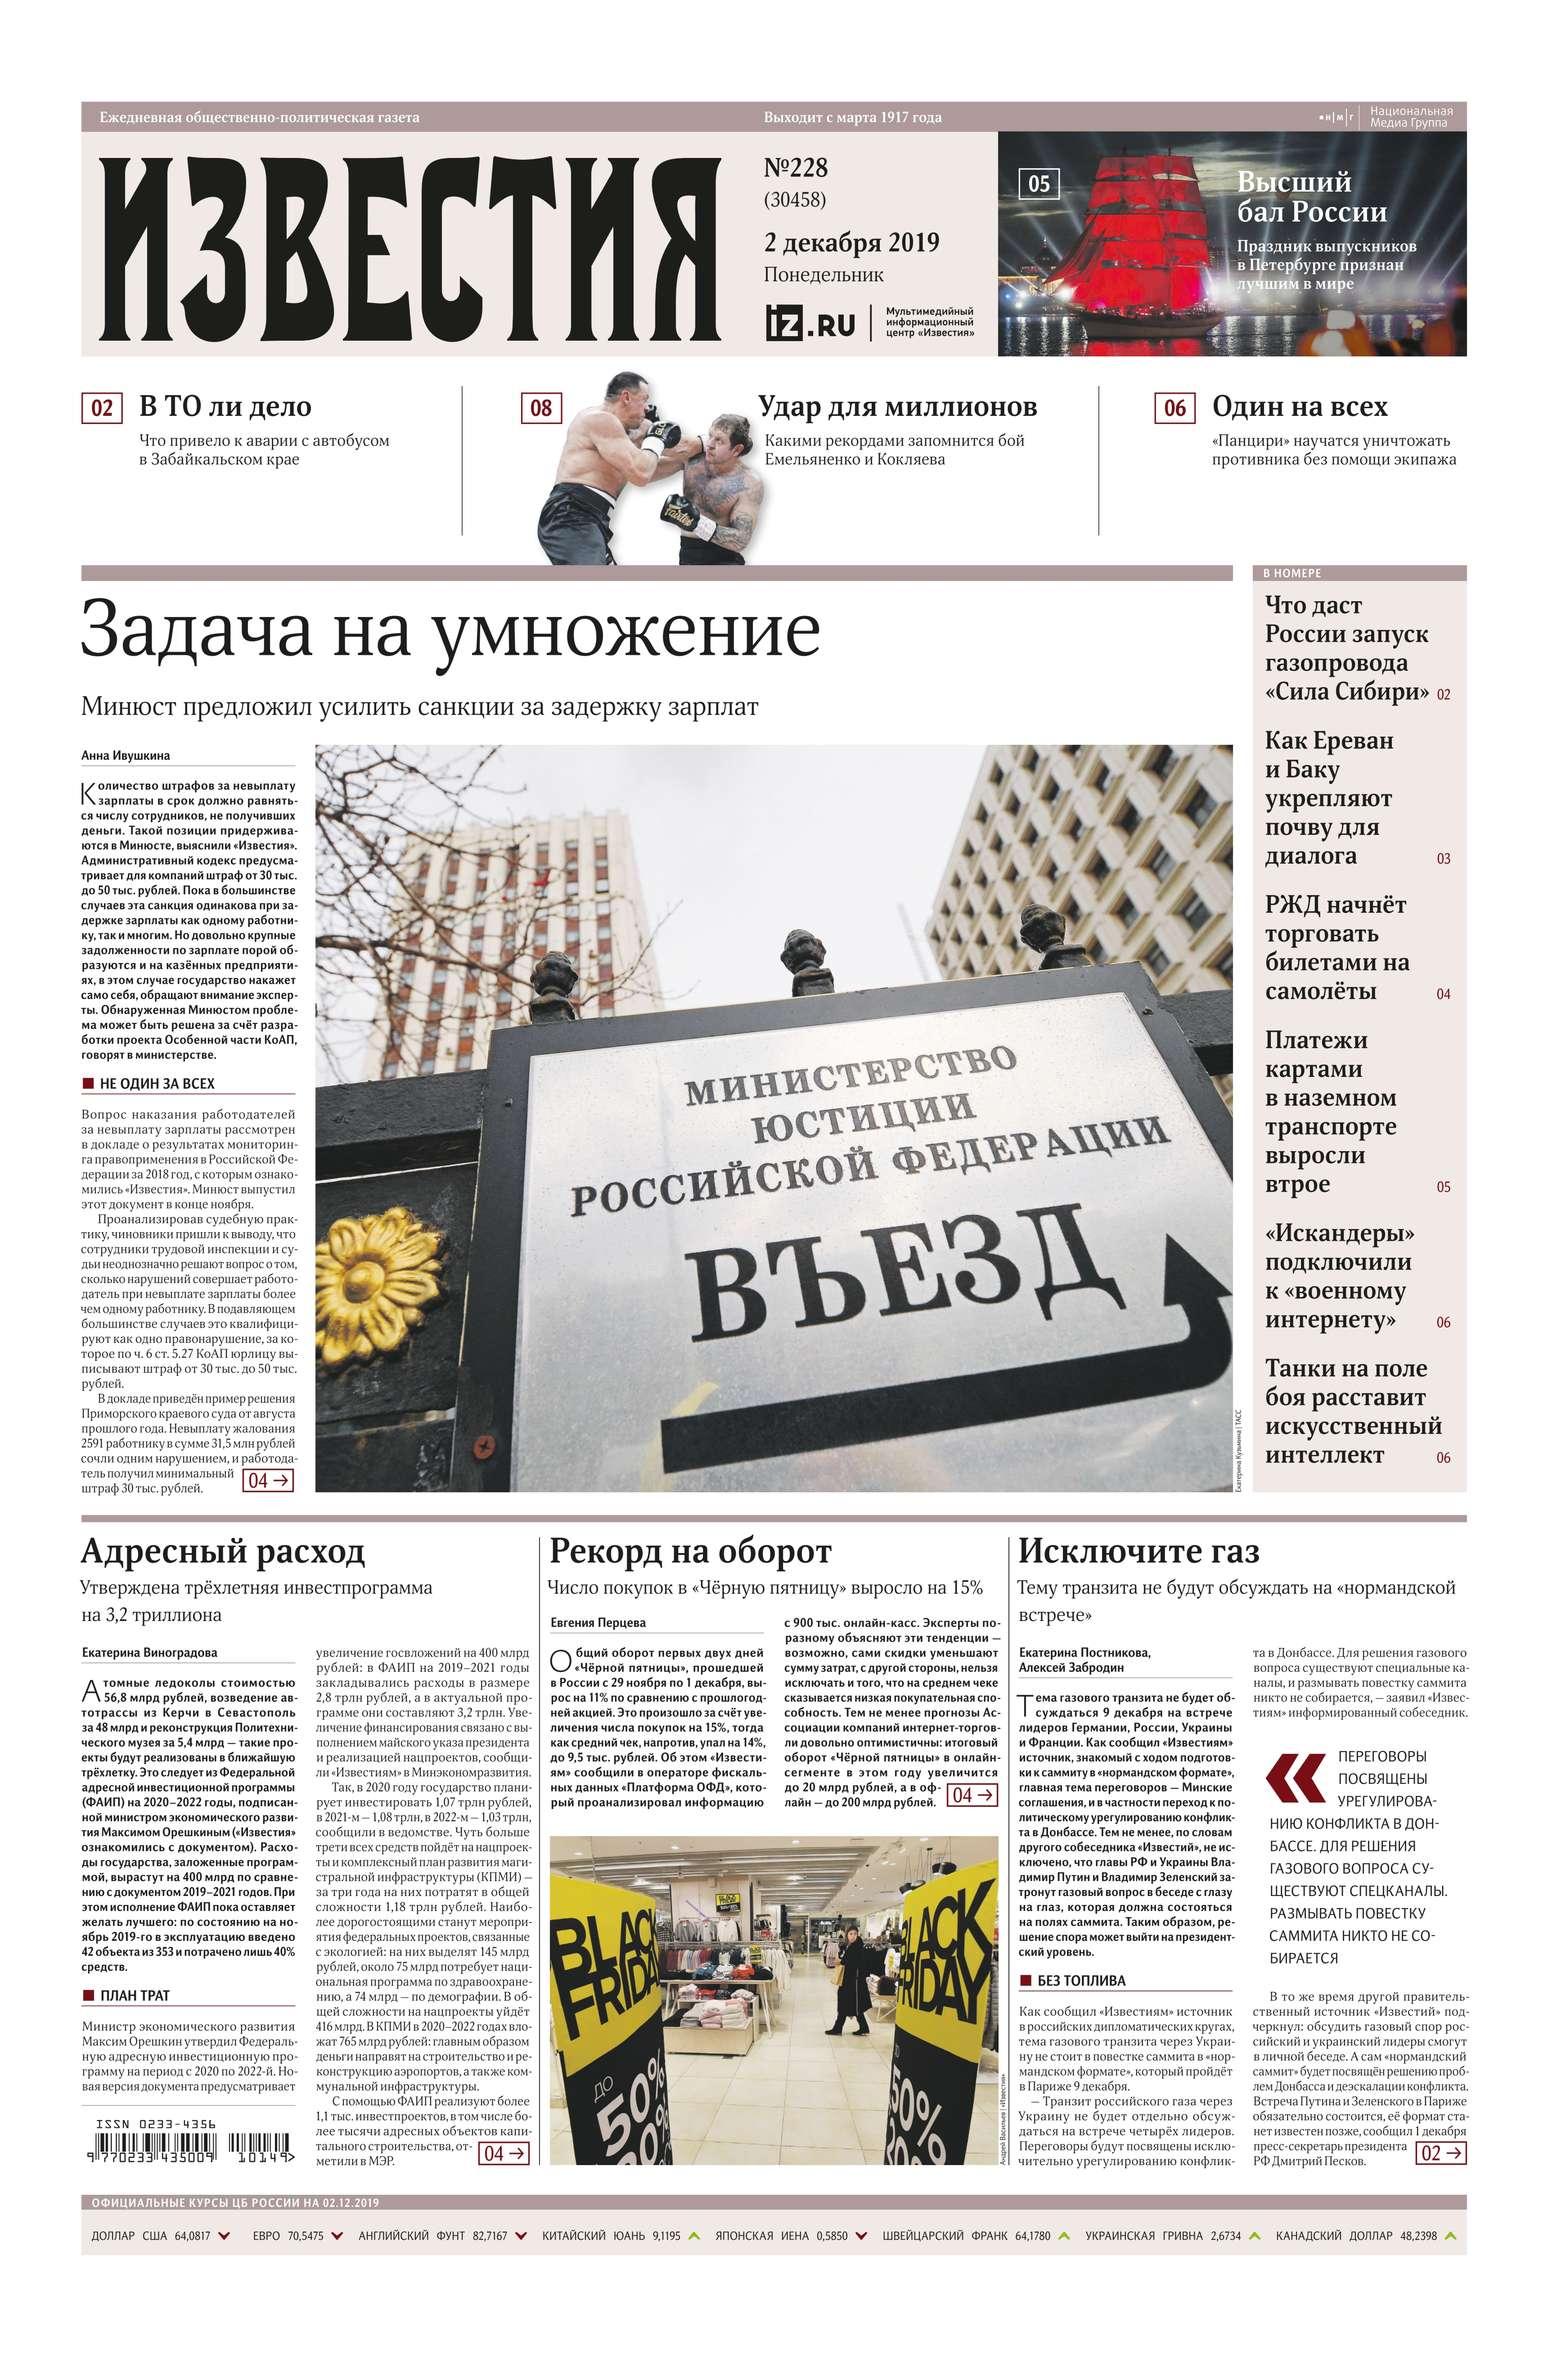 цена Редакция газеты Известия Известия 228-2019